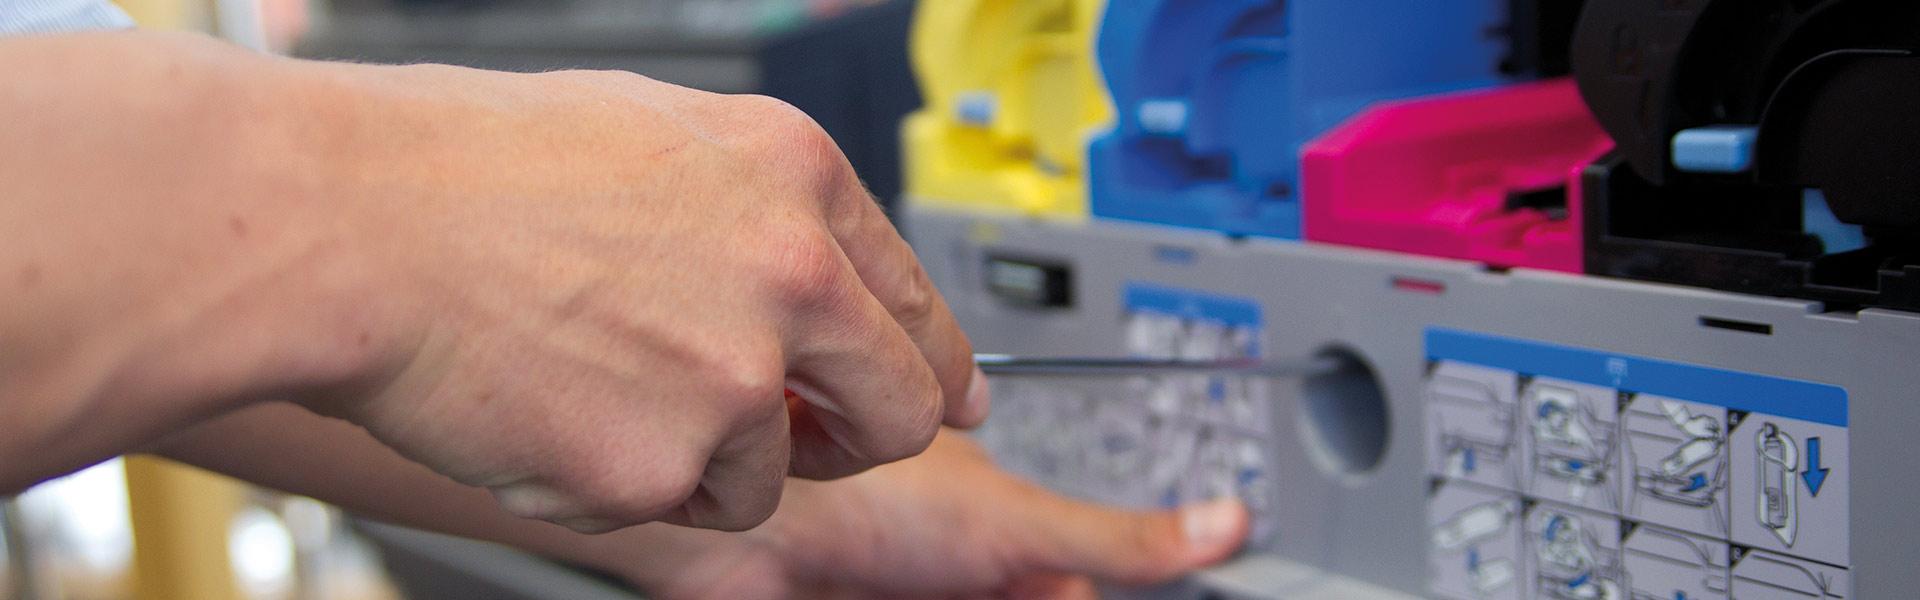 Banner Jobs bei cbo - Servicetechniker Druck-und-Kopiergeraete